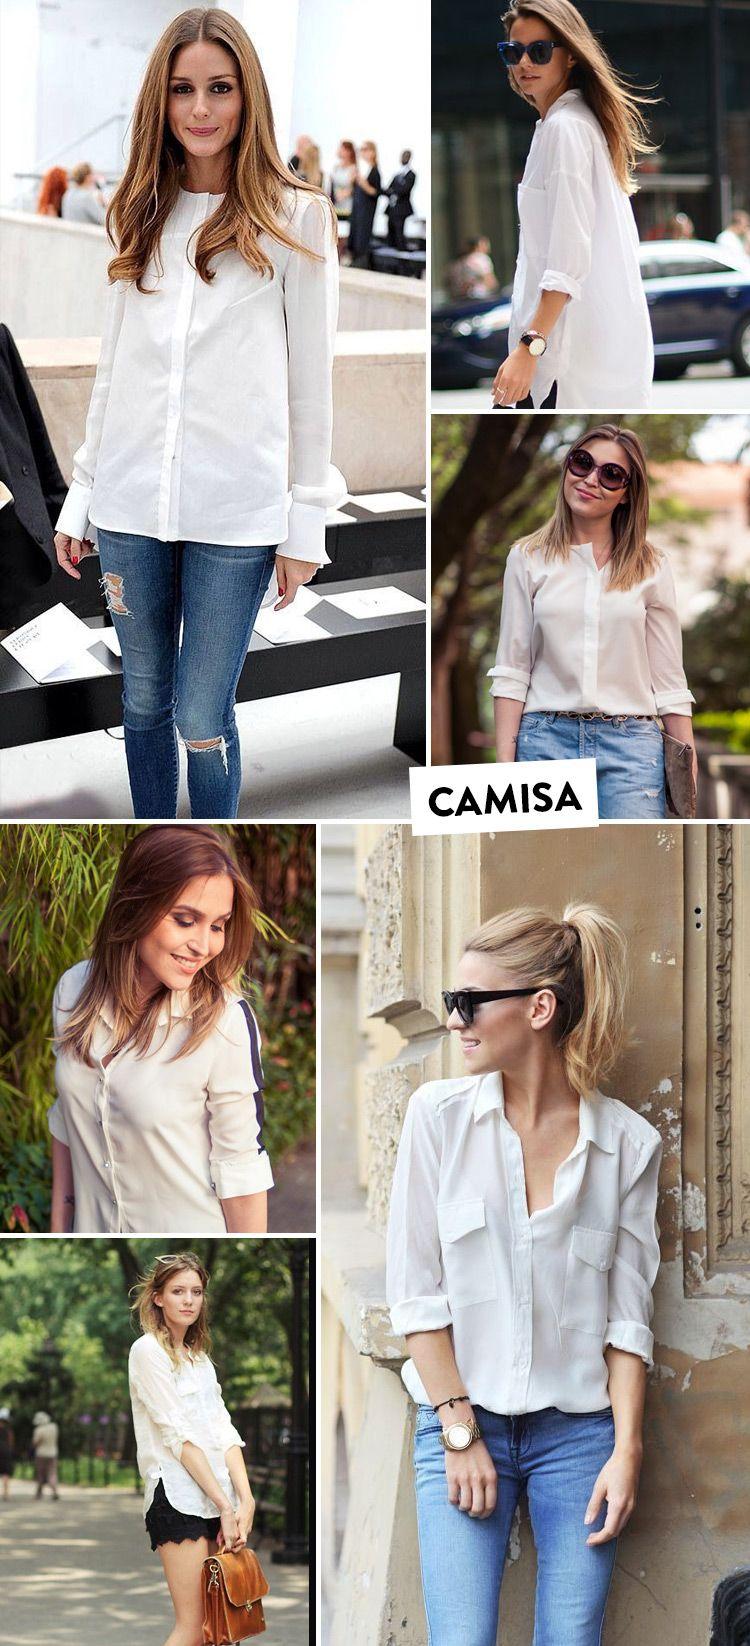 Meus Classicos Da Moda Com Imagens Moda Camisa Branca E Jeans